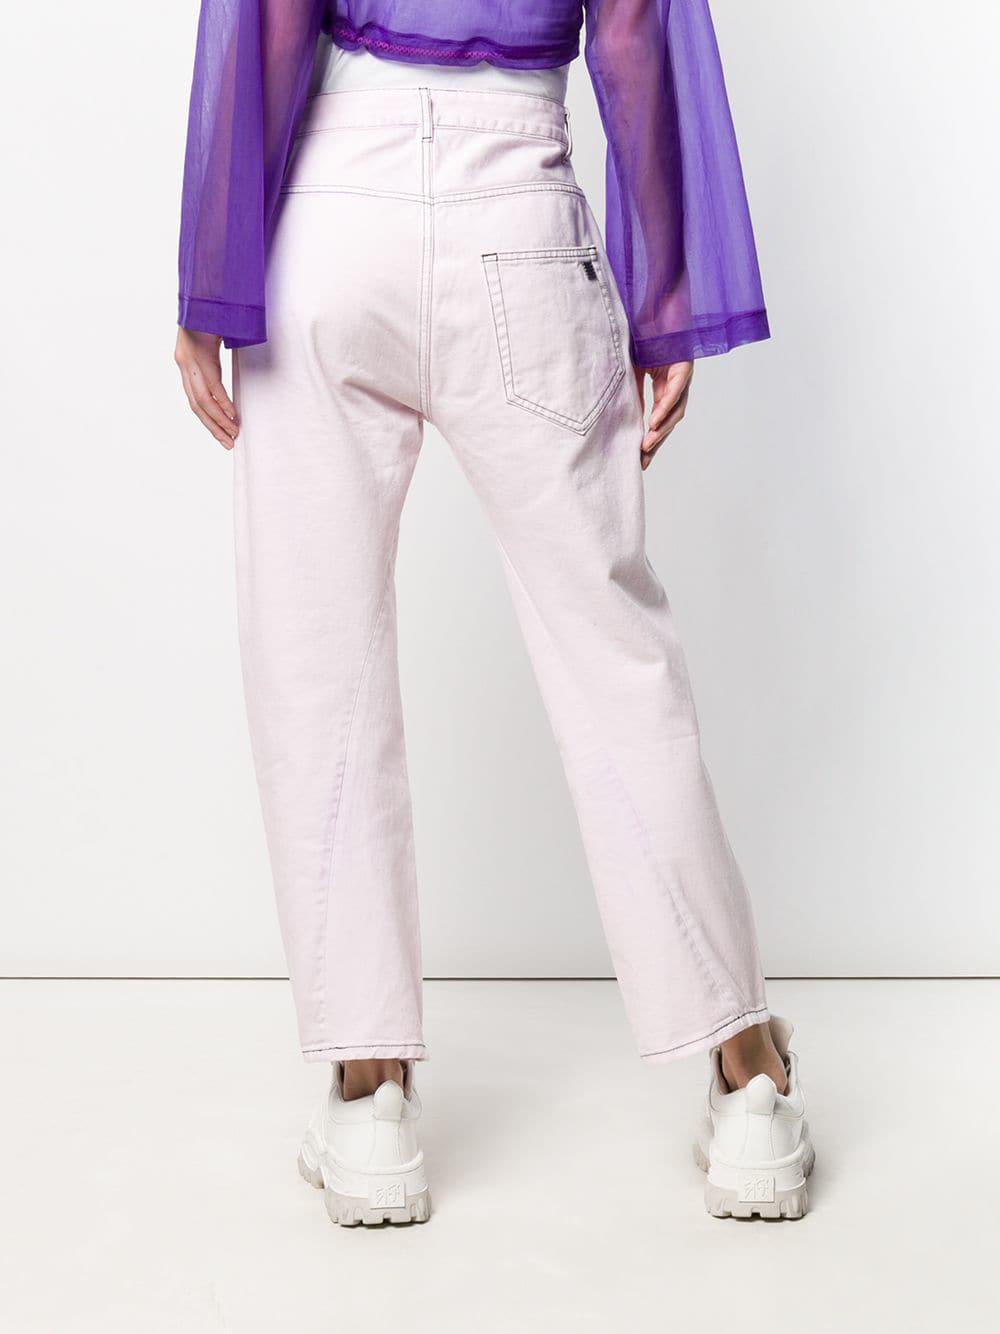 Palm Angels Denim Jeans mit verdrehten Nähten in Lila qiKTR